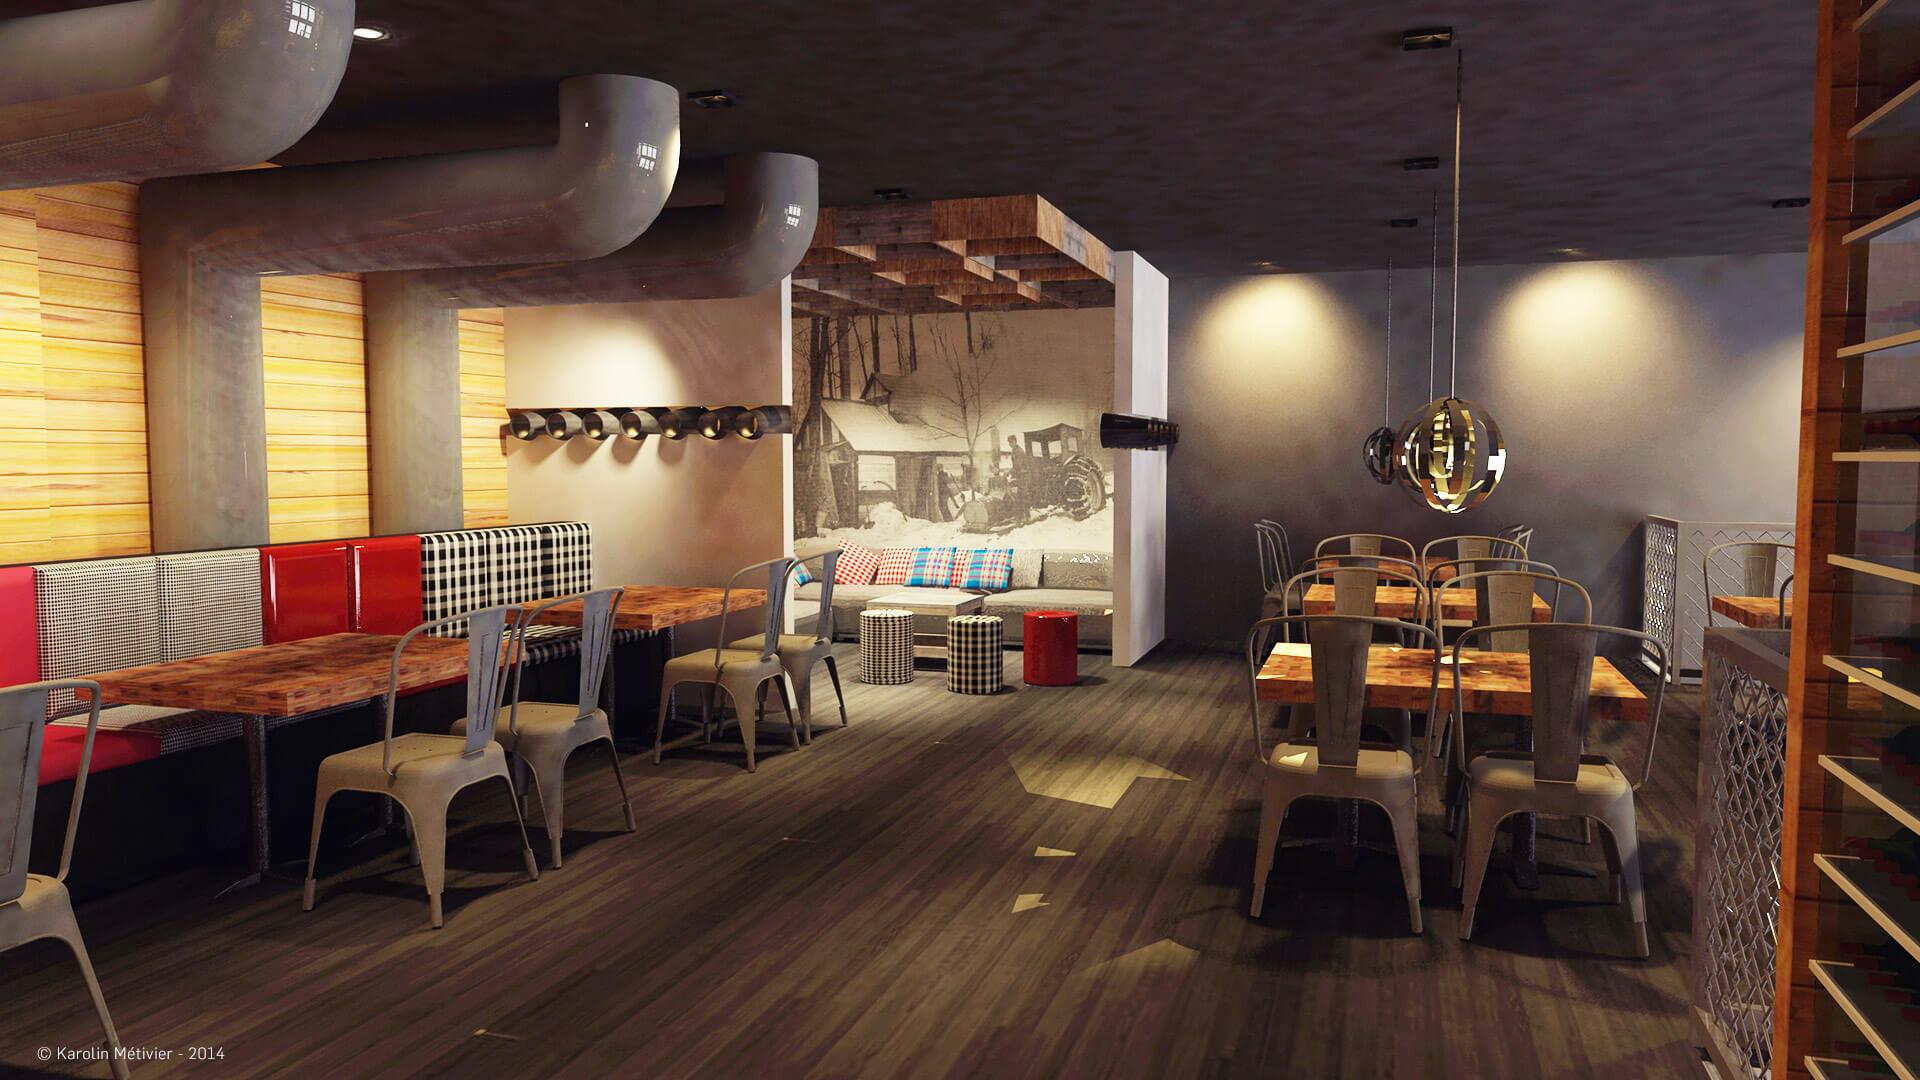 cours de design d 39 int rieur aec coll ge inter dec montr al laval. Black Bedroom Furniture Sets. Home Design Ideas